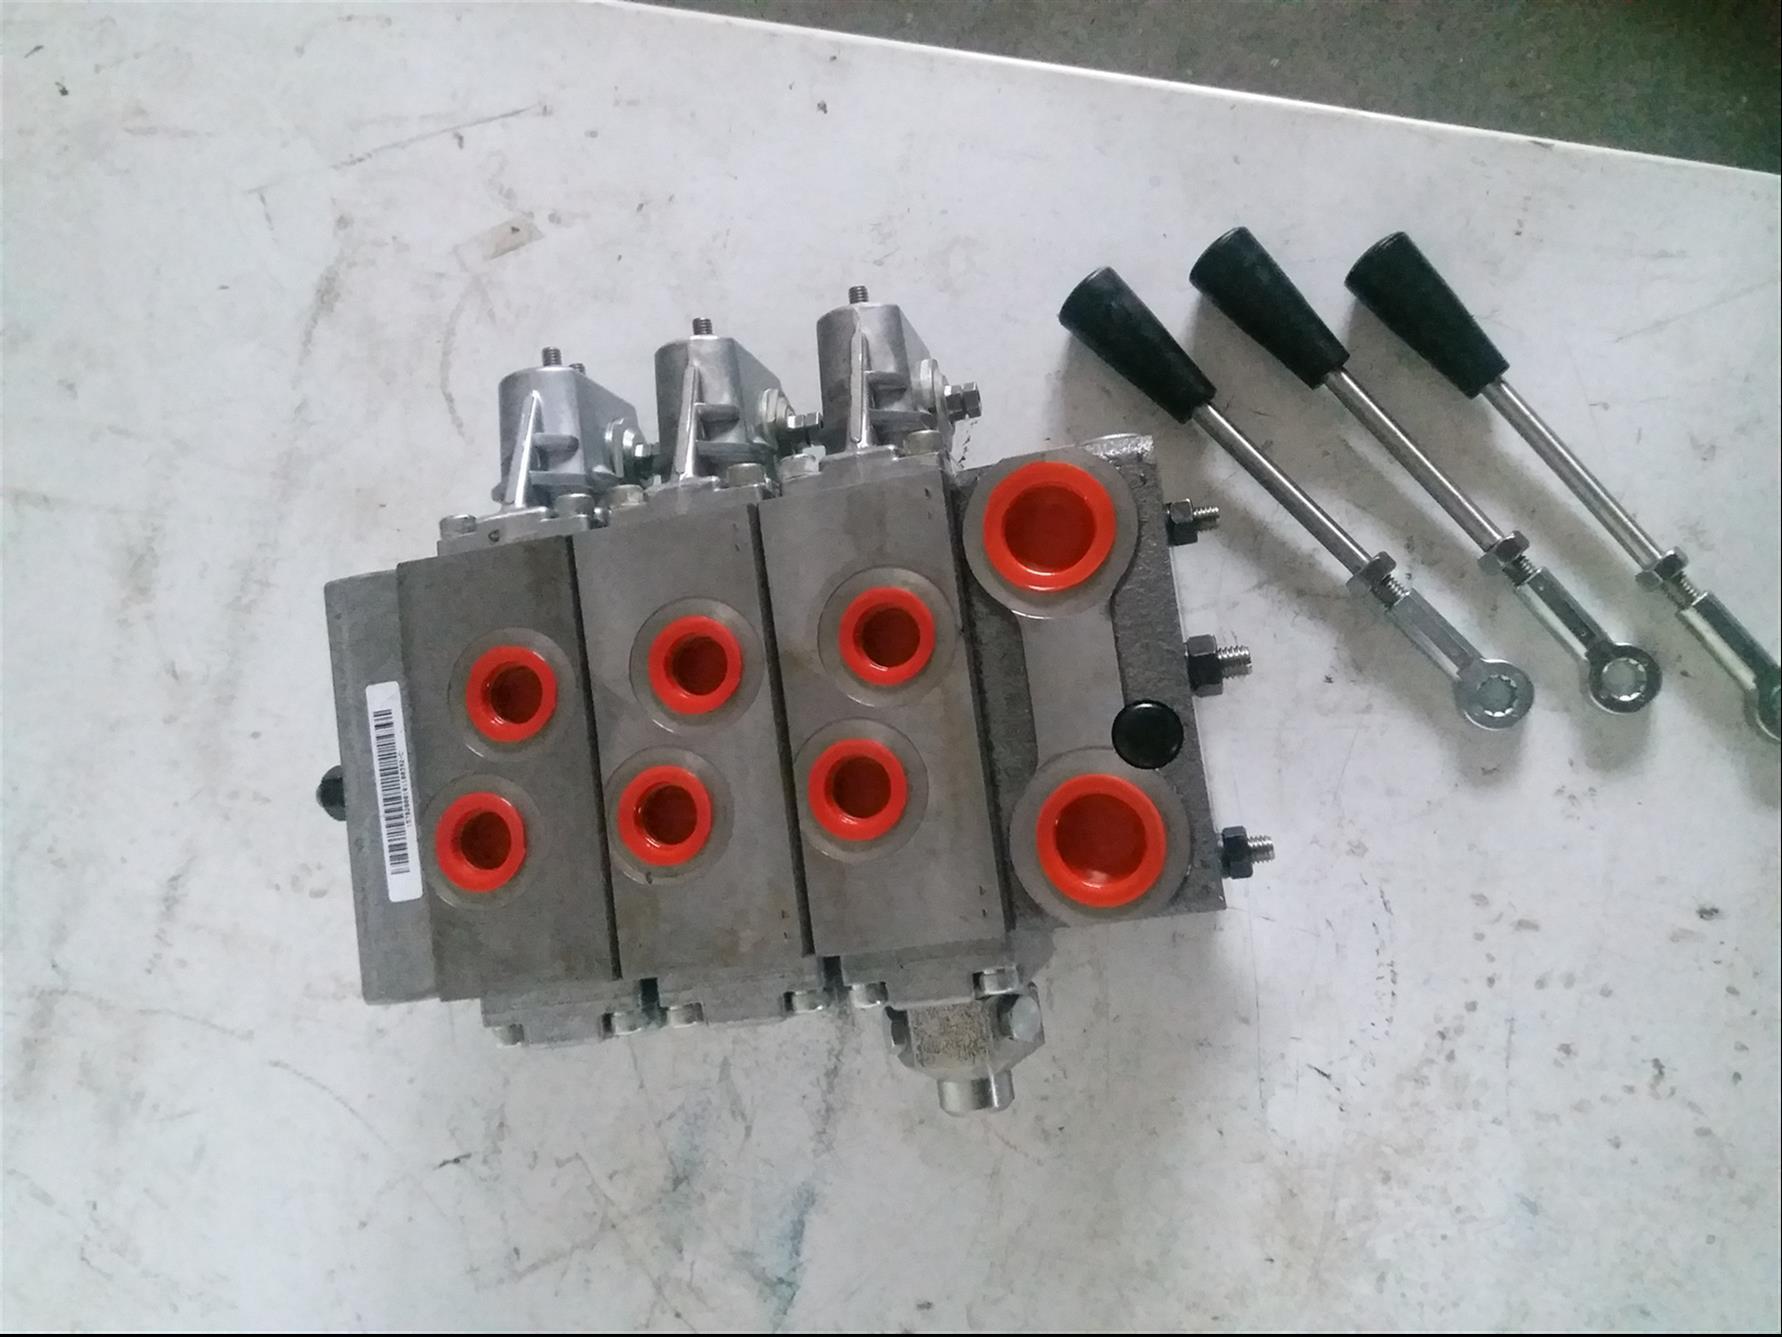 无锡全新PVG32比例控制阀 HPV比例换向阀价格